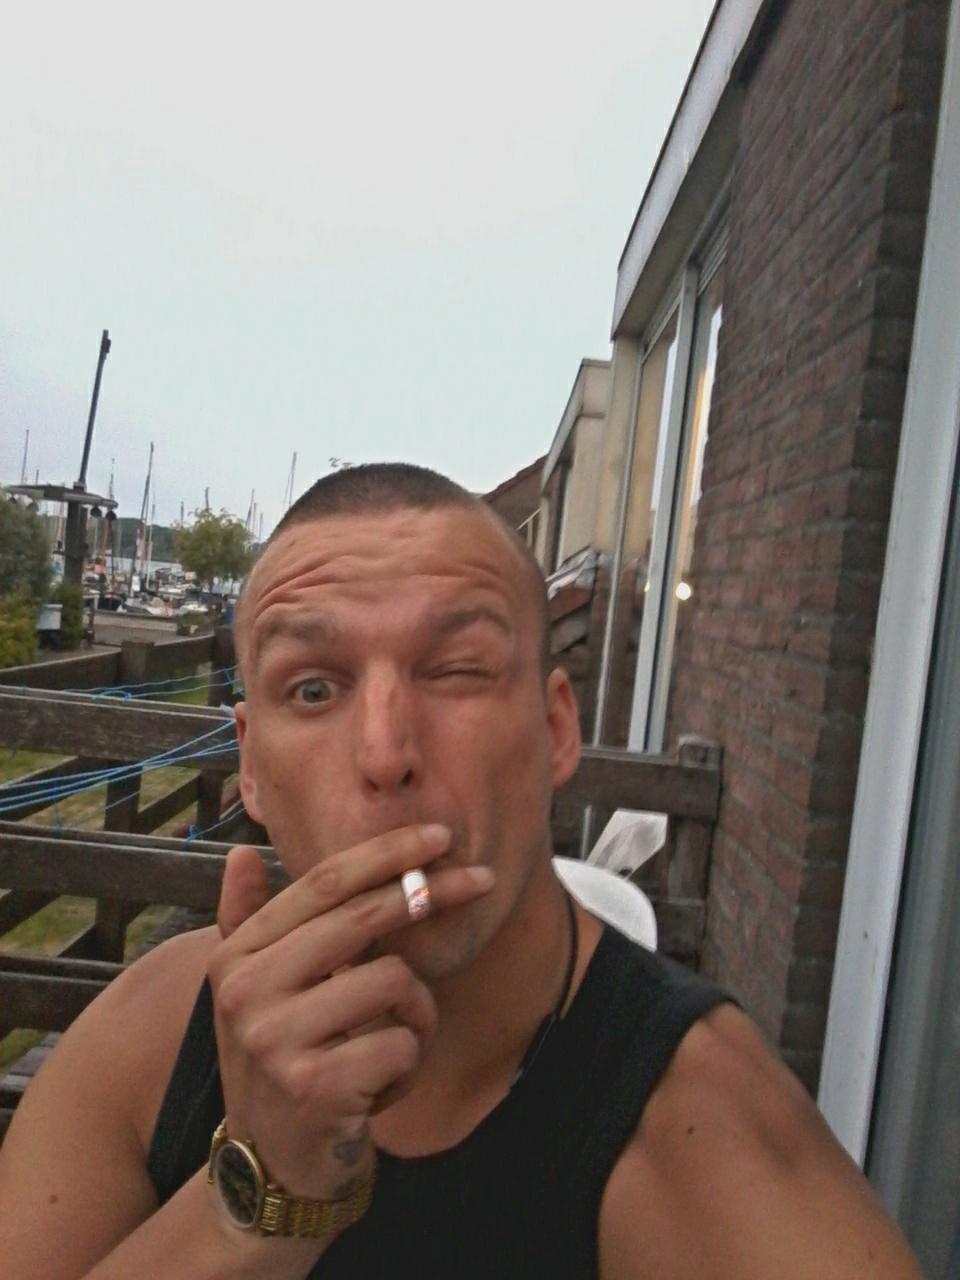 fuckfriend87 uit Noord-Holland,Nederland